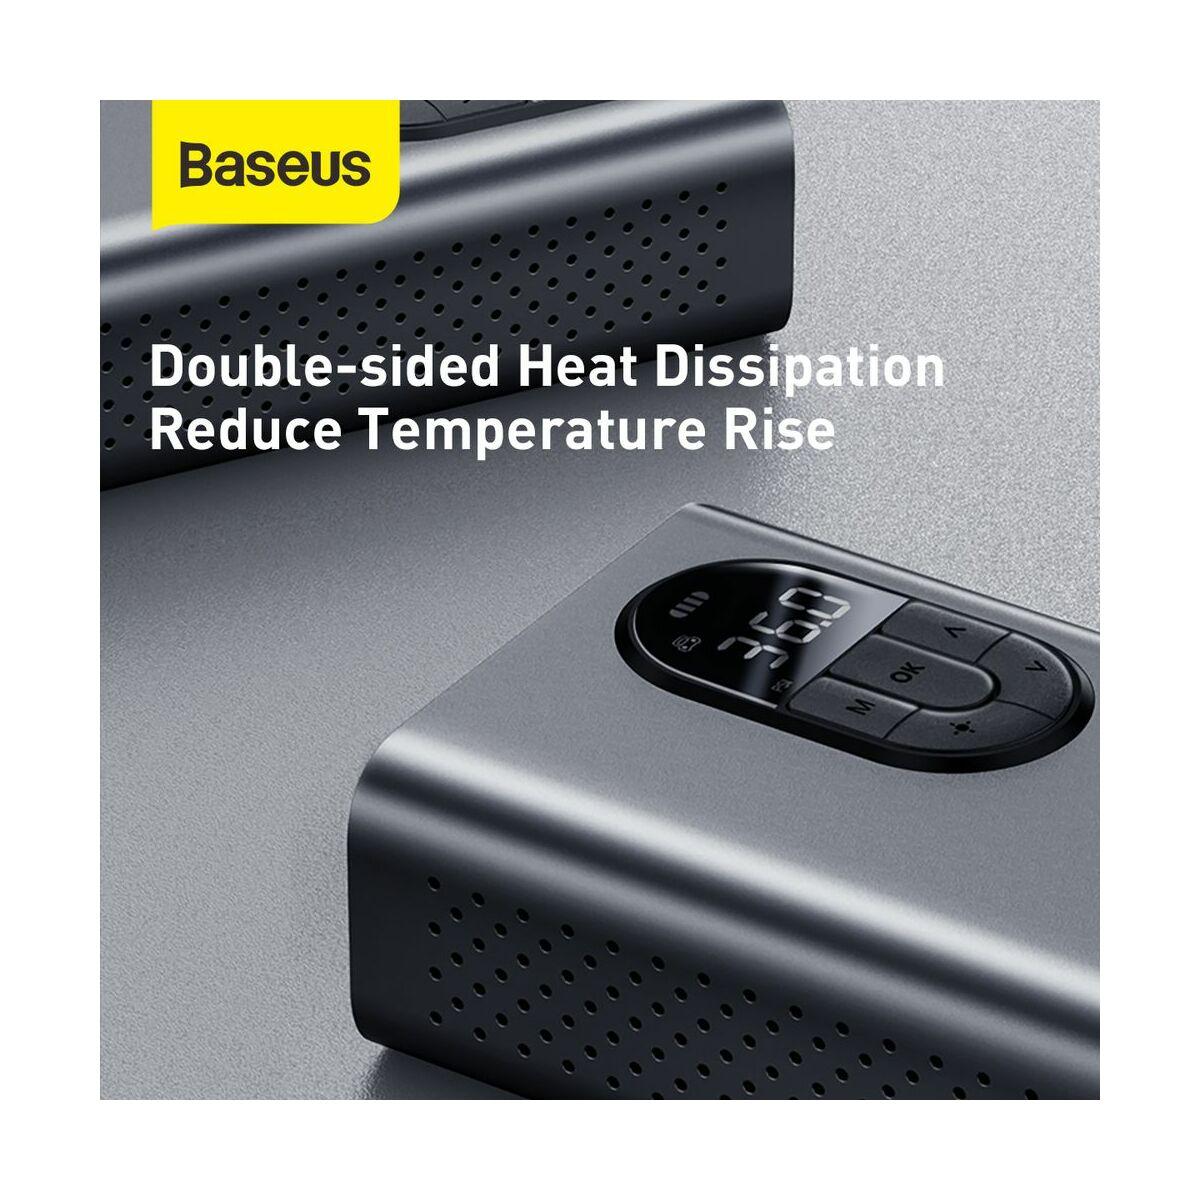 Baseus autós kiegészítő, Energy Source mini kompresszor, 54W, szürke (CRCQB02-0A)